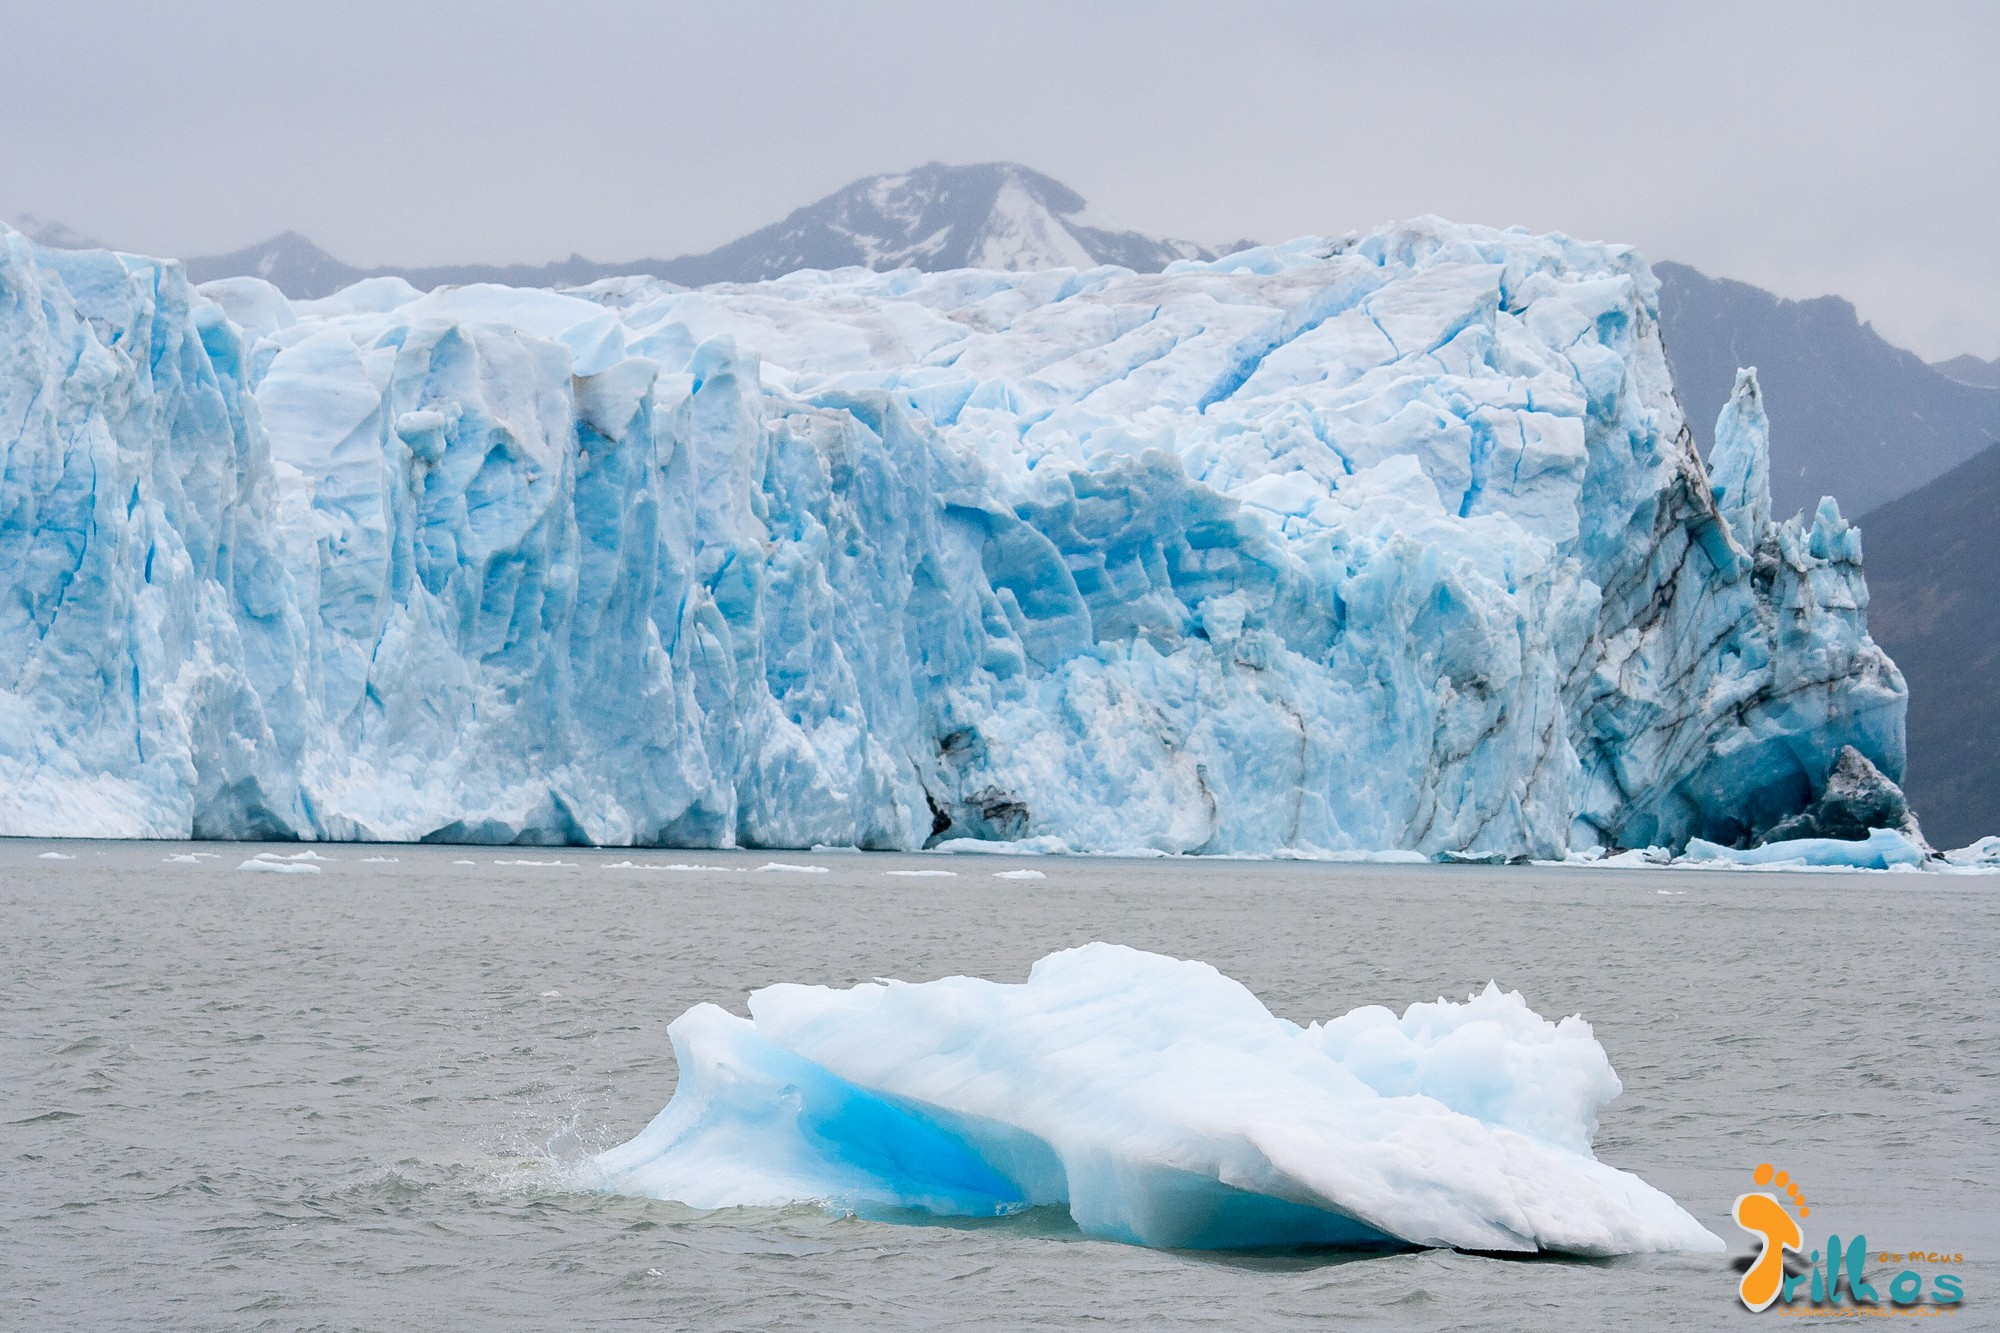 Fotos do Glaciar Perito Moreno